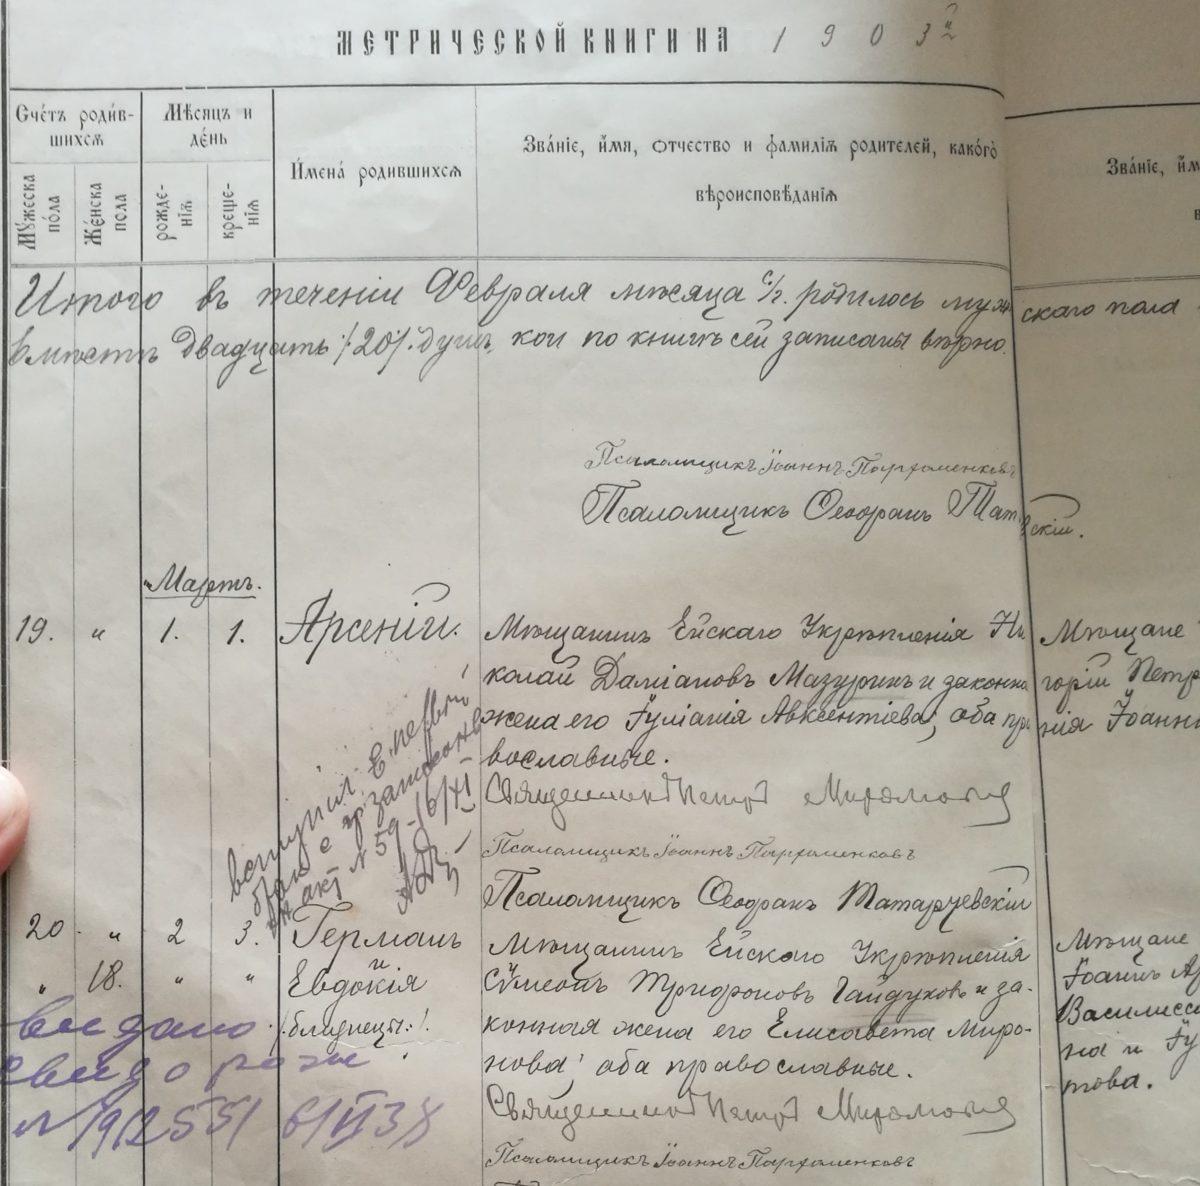 Метрическая книга, часть 1 о родившихся за 1903 год. Указано, что выданы свидетельства о рождении в 1938 году, а также свидетельство о заключении брака. Метрические книги